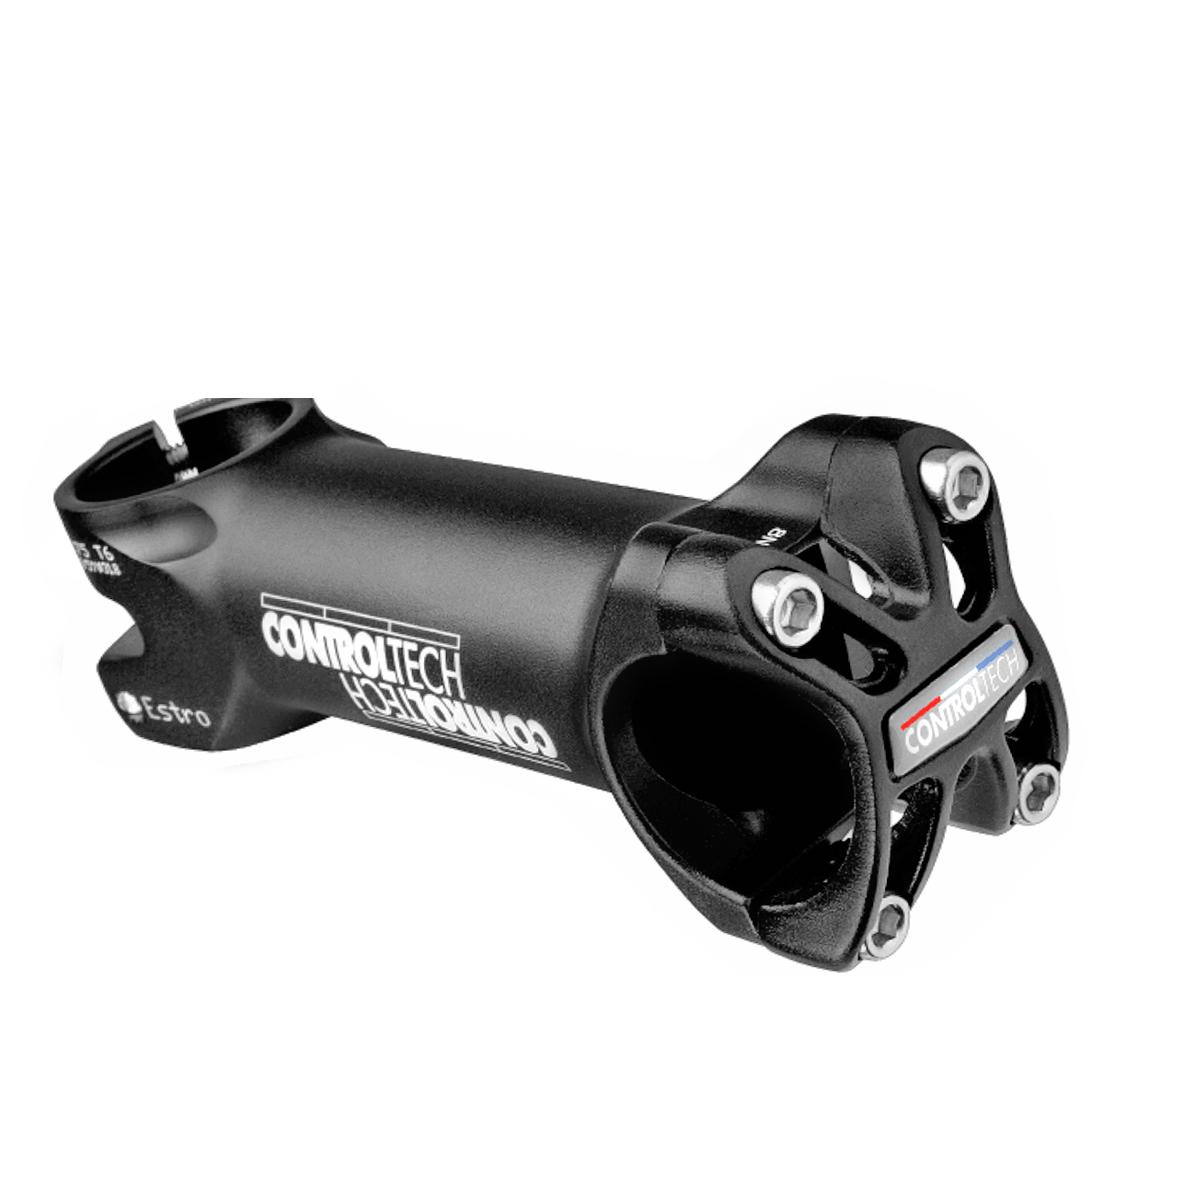 Potence Controltech Estro alu 31.8 mm L. 120 mm +/-5D Noir